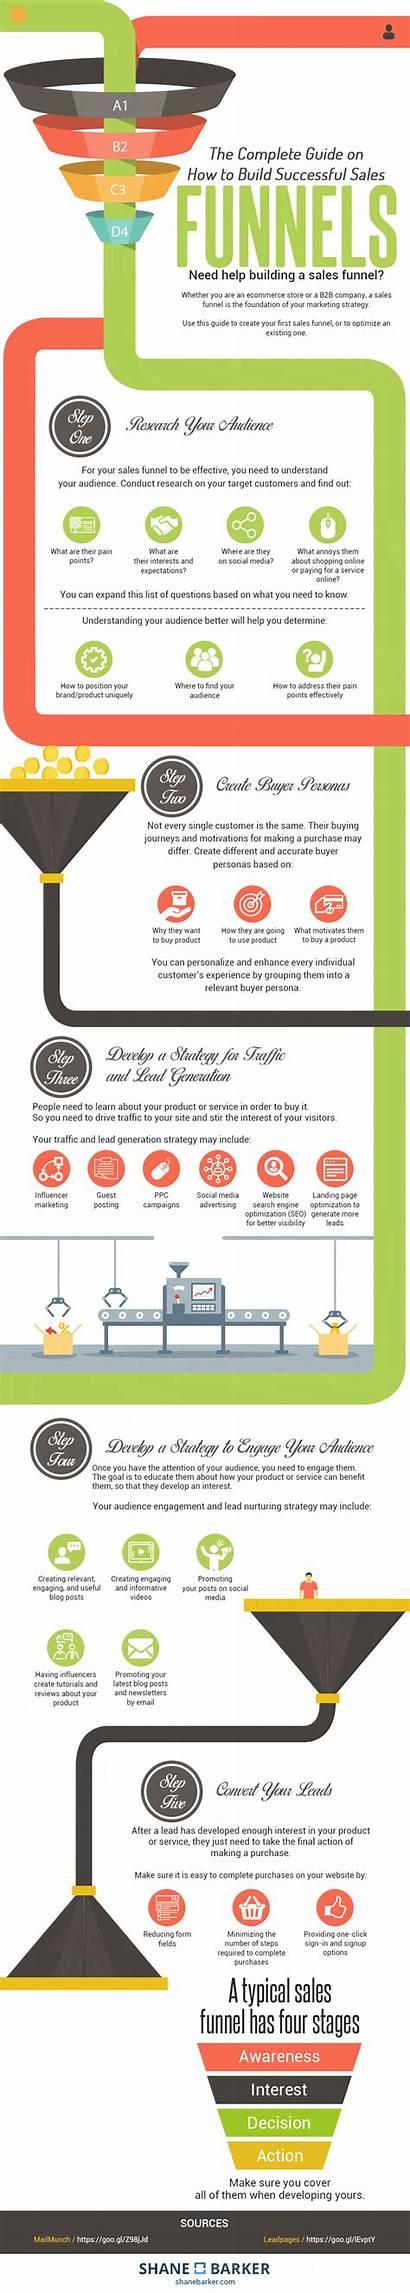 Funnel Sales Steps Infographic Funnels Build Website